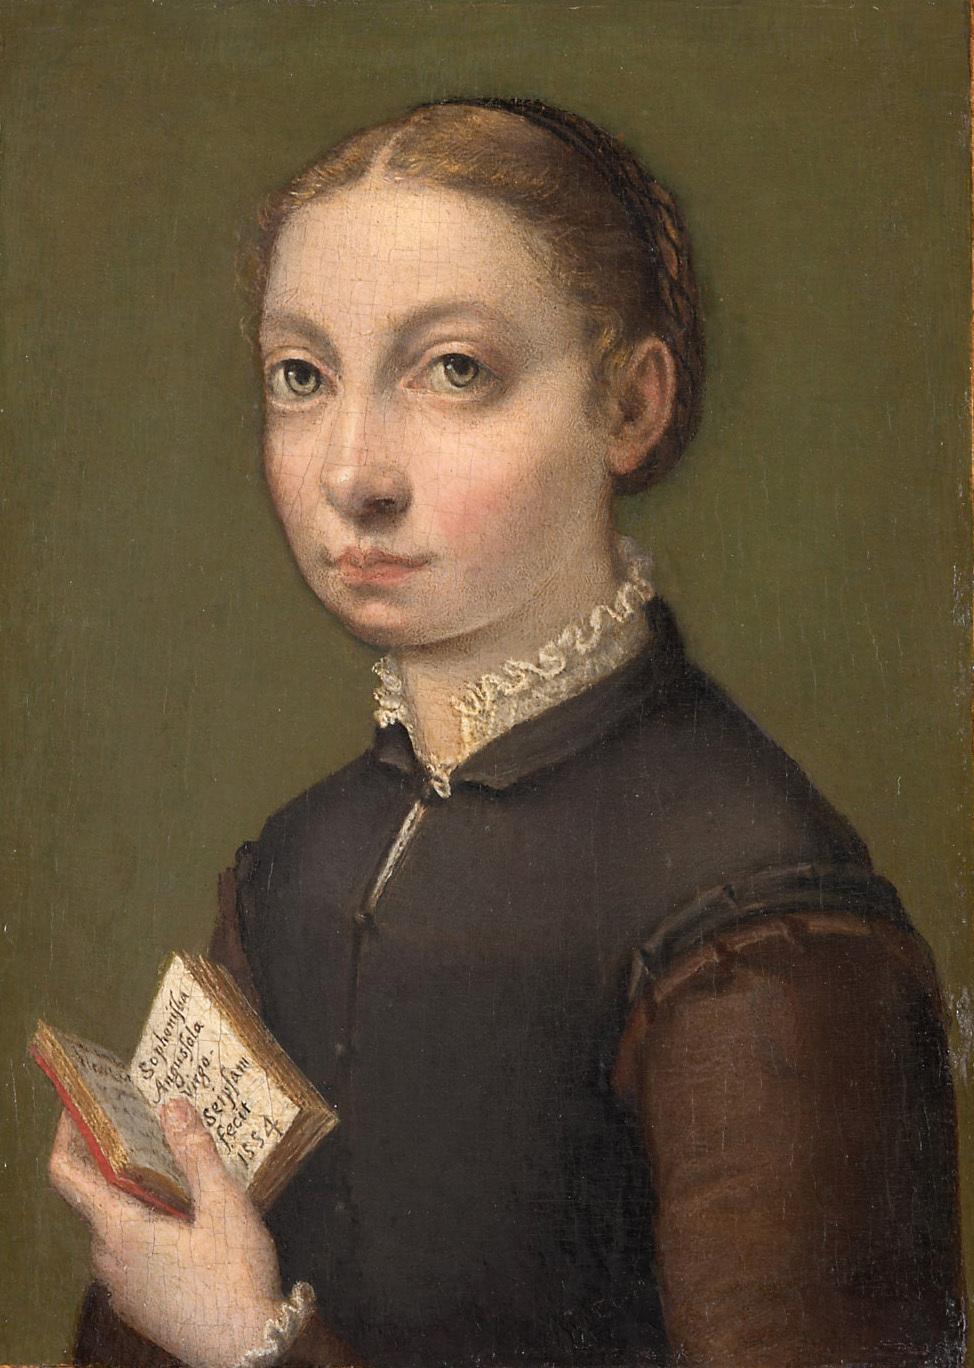 Selbstbildnis von Sofonisba Anguissola